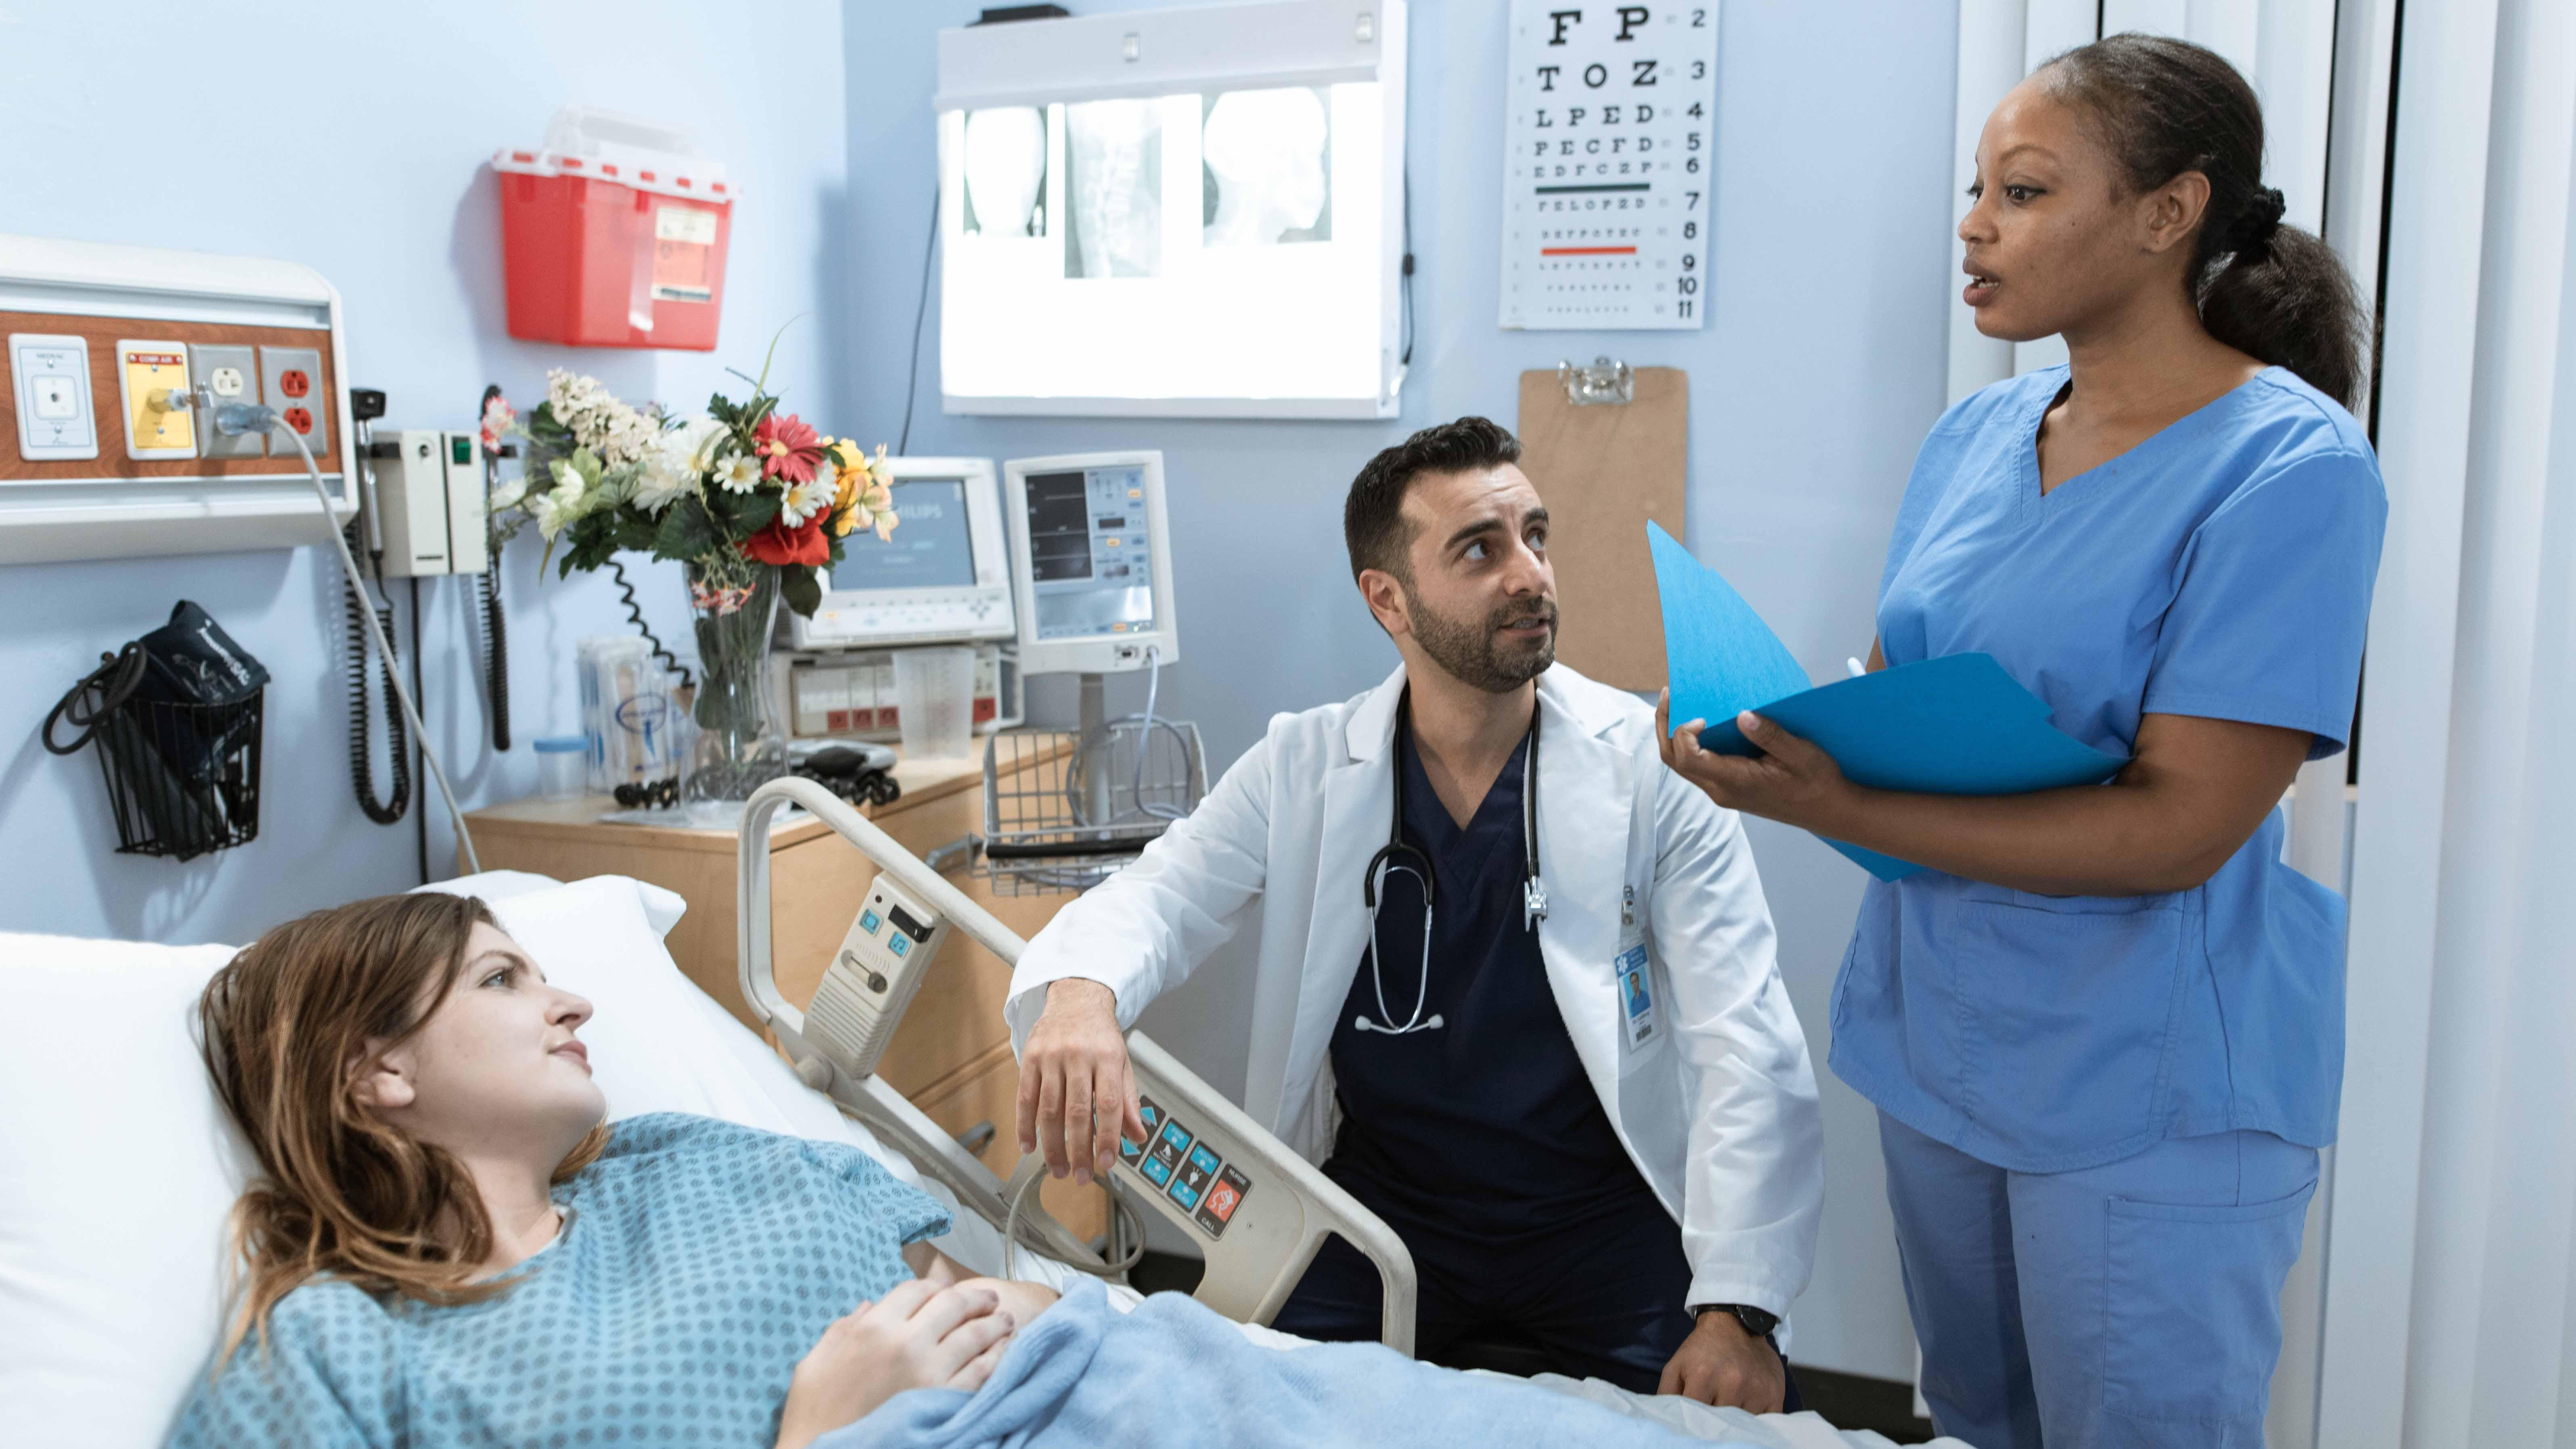 Une salle d'hopital comprenant une patiente sur le lit, un infirmière debout et un médecin assis.